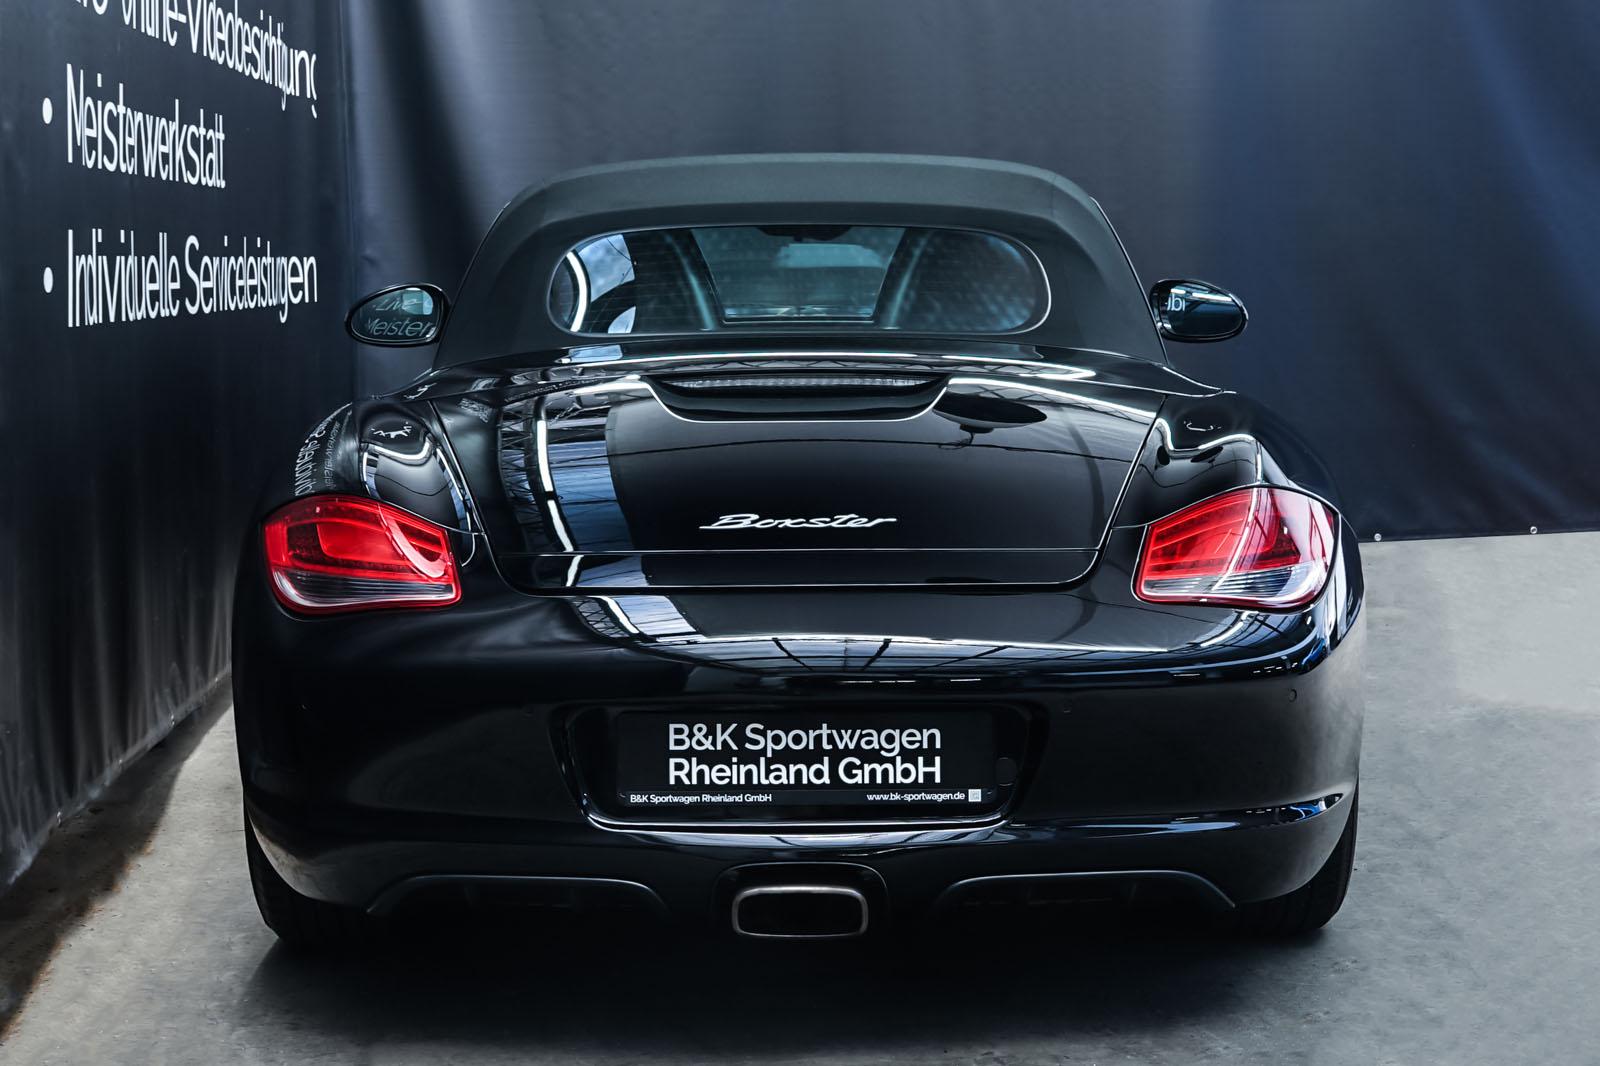 Porsche_Boxster_Schwarz_Schwarz_POR-0927_21_w